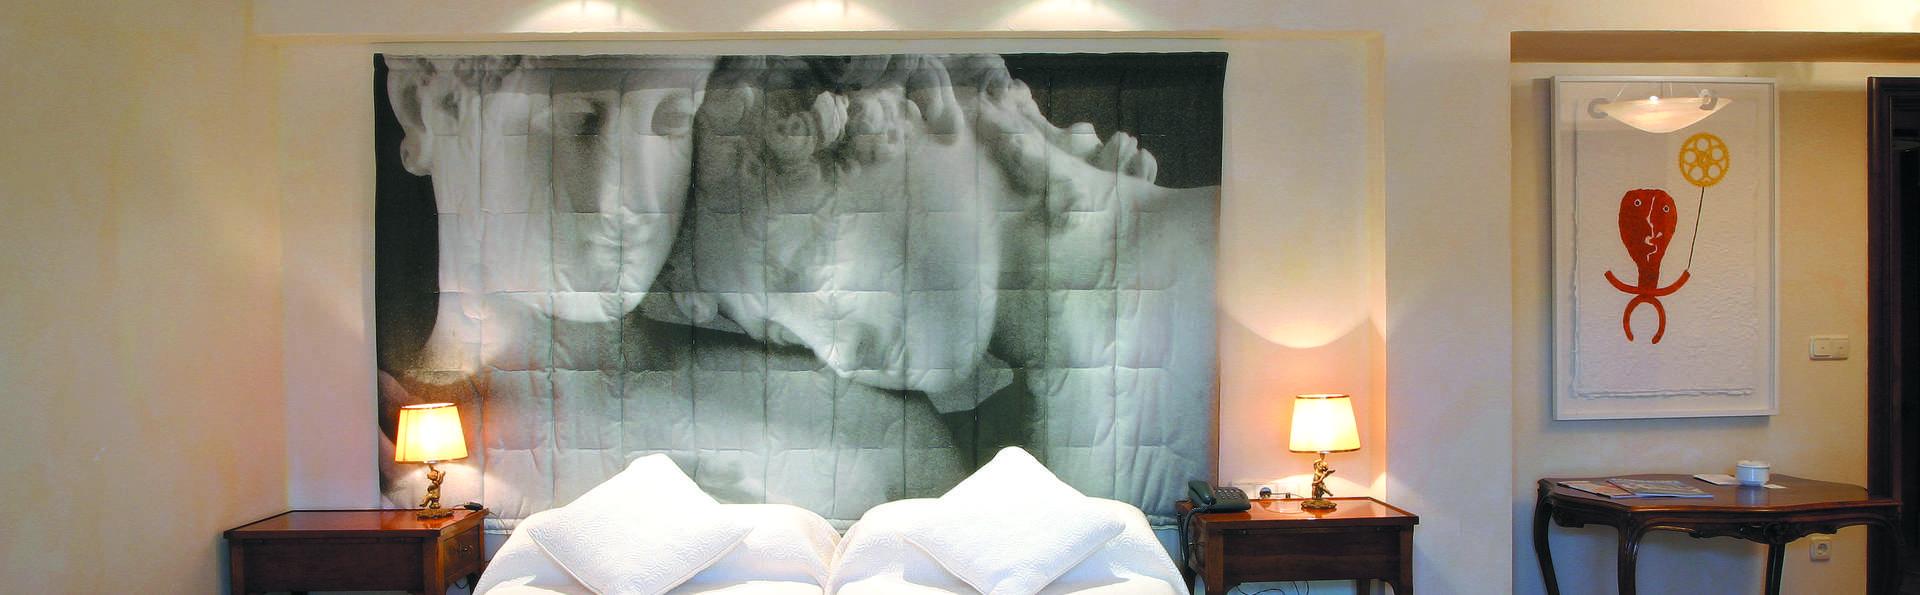 Hotel el Peregrino - HABITACION_3_FRENTE.TIF